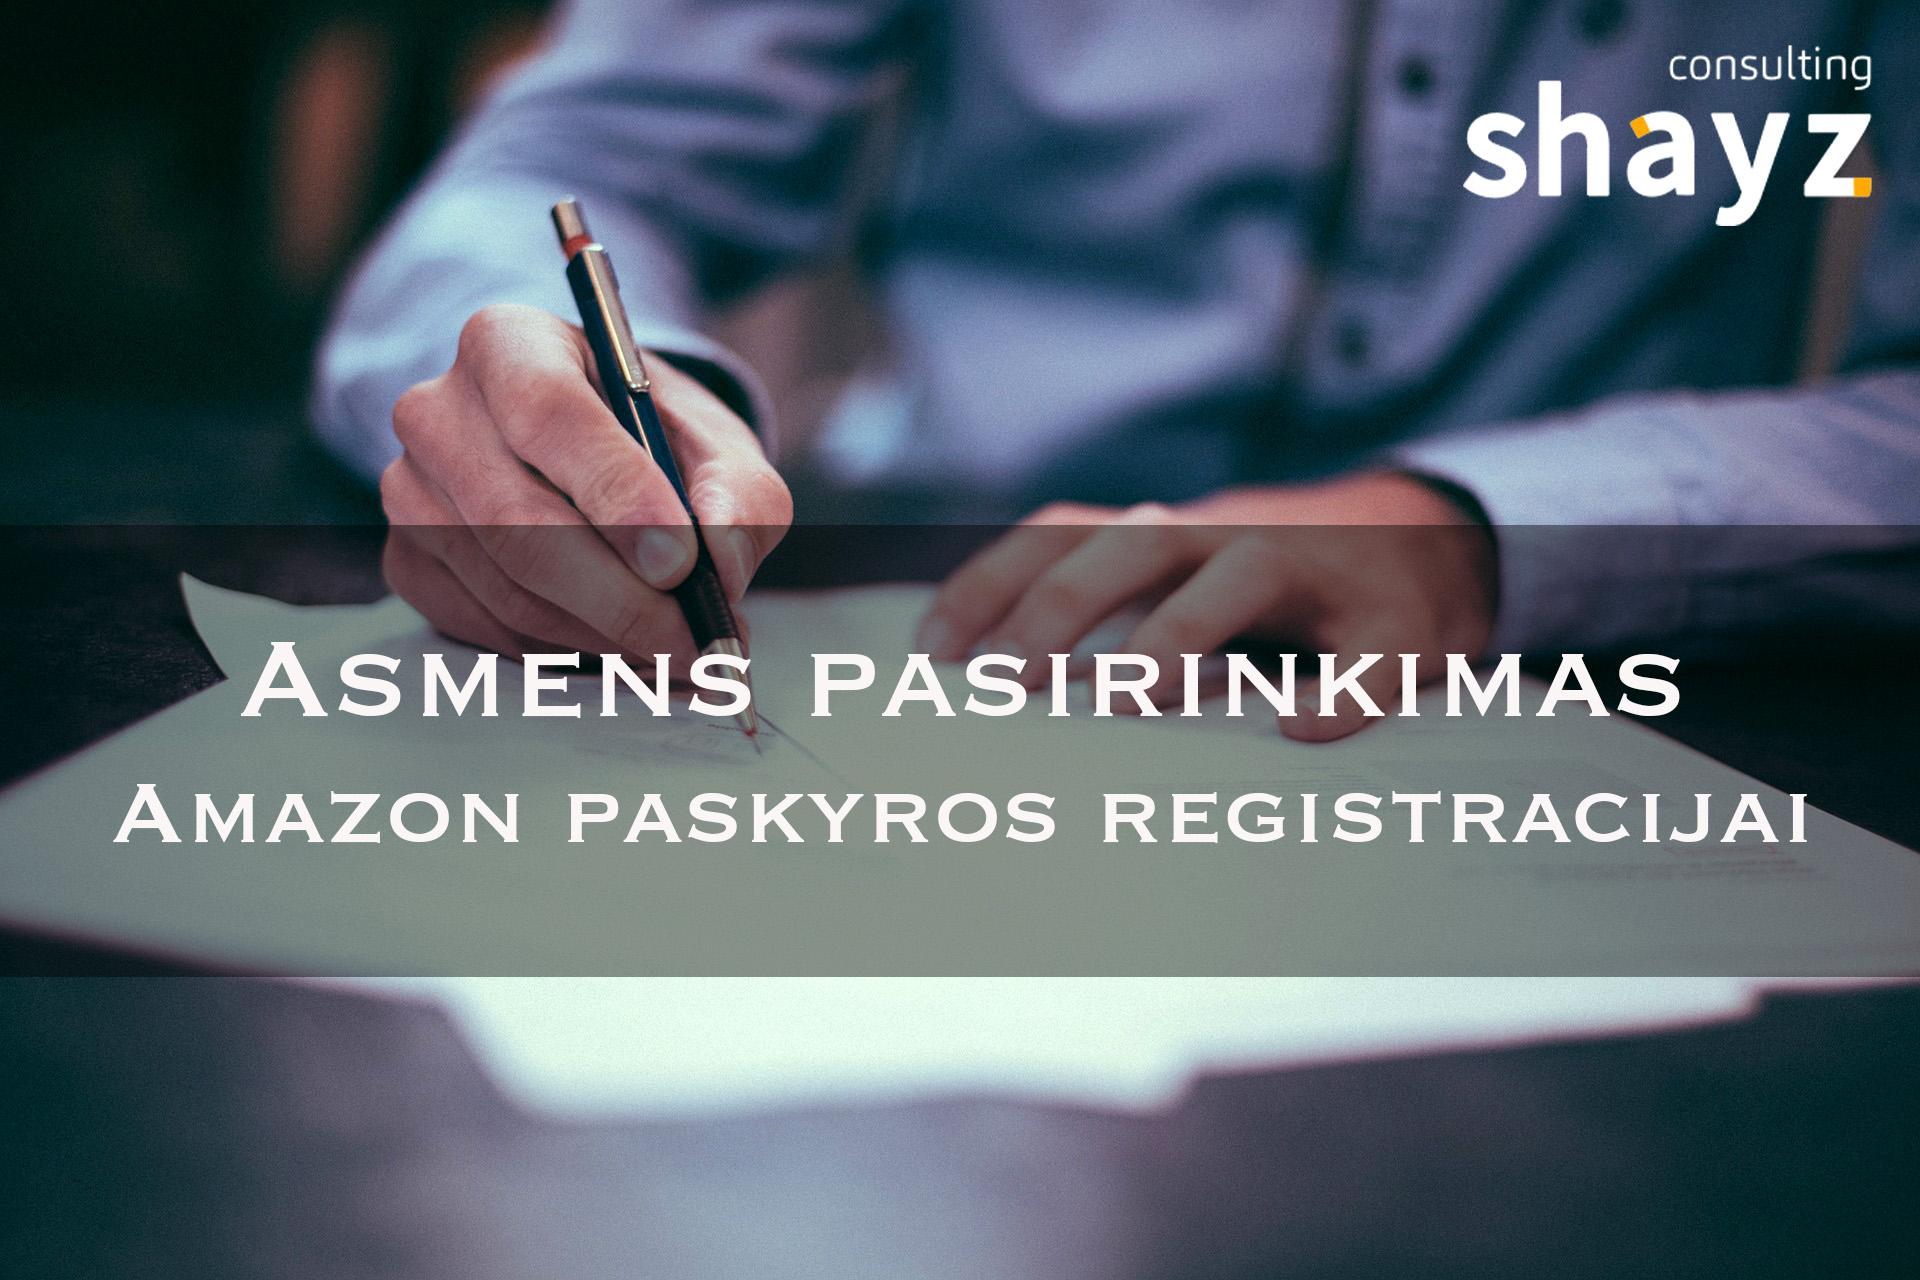 Asmens pasirinkimas Amazon paskyros registracijai